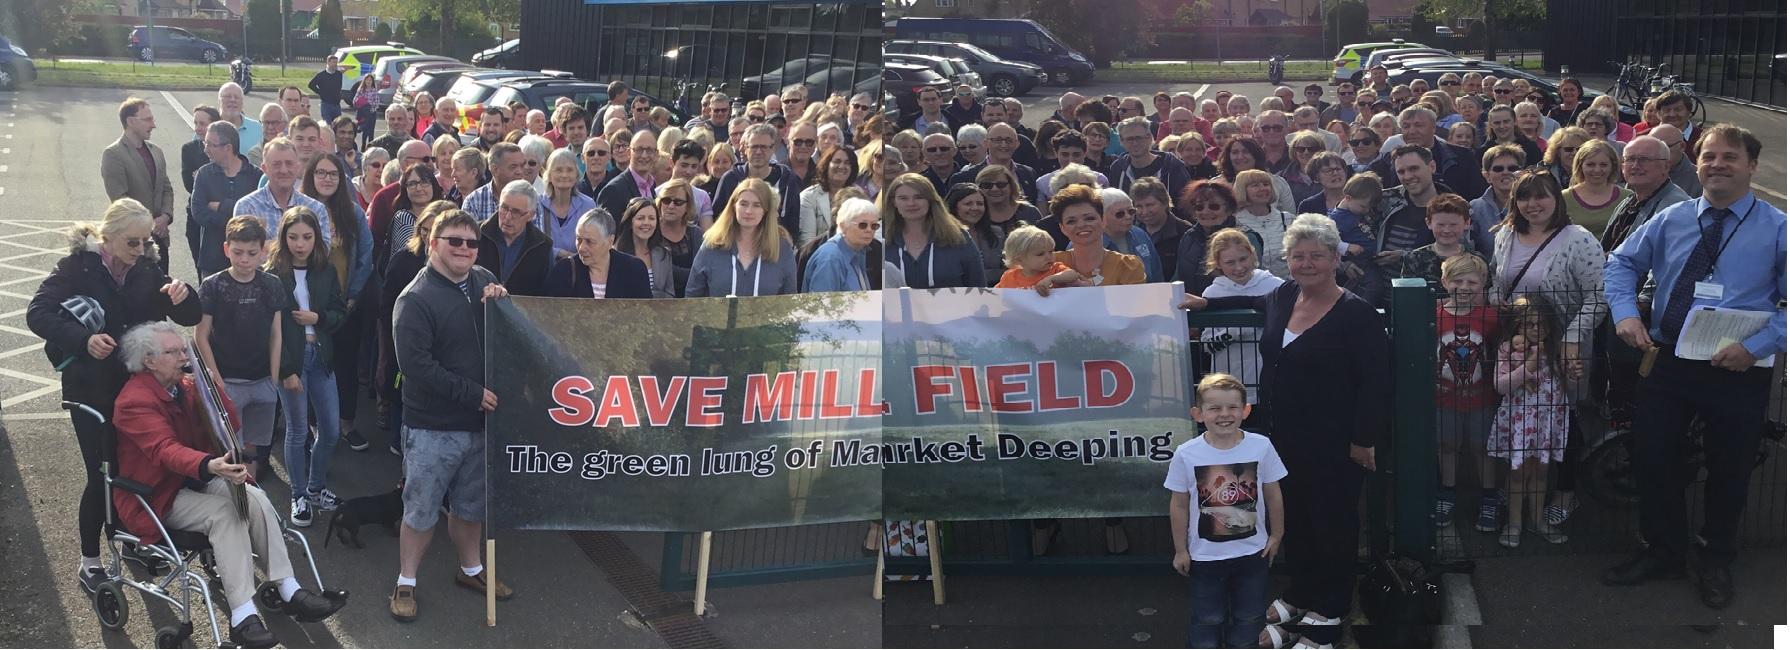 Mill Field photo